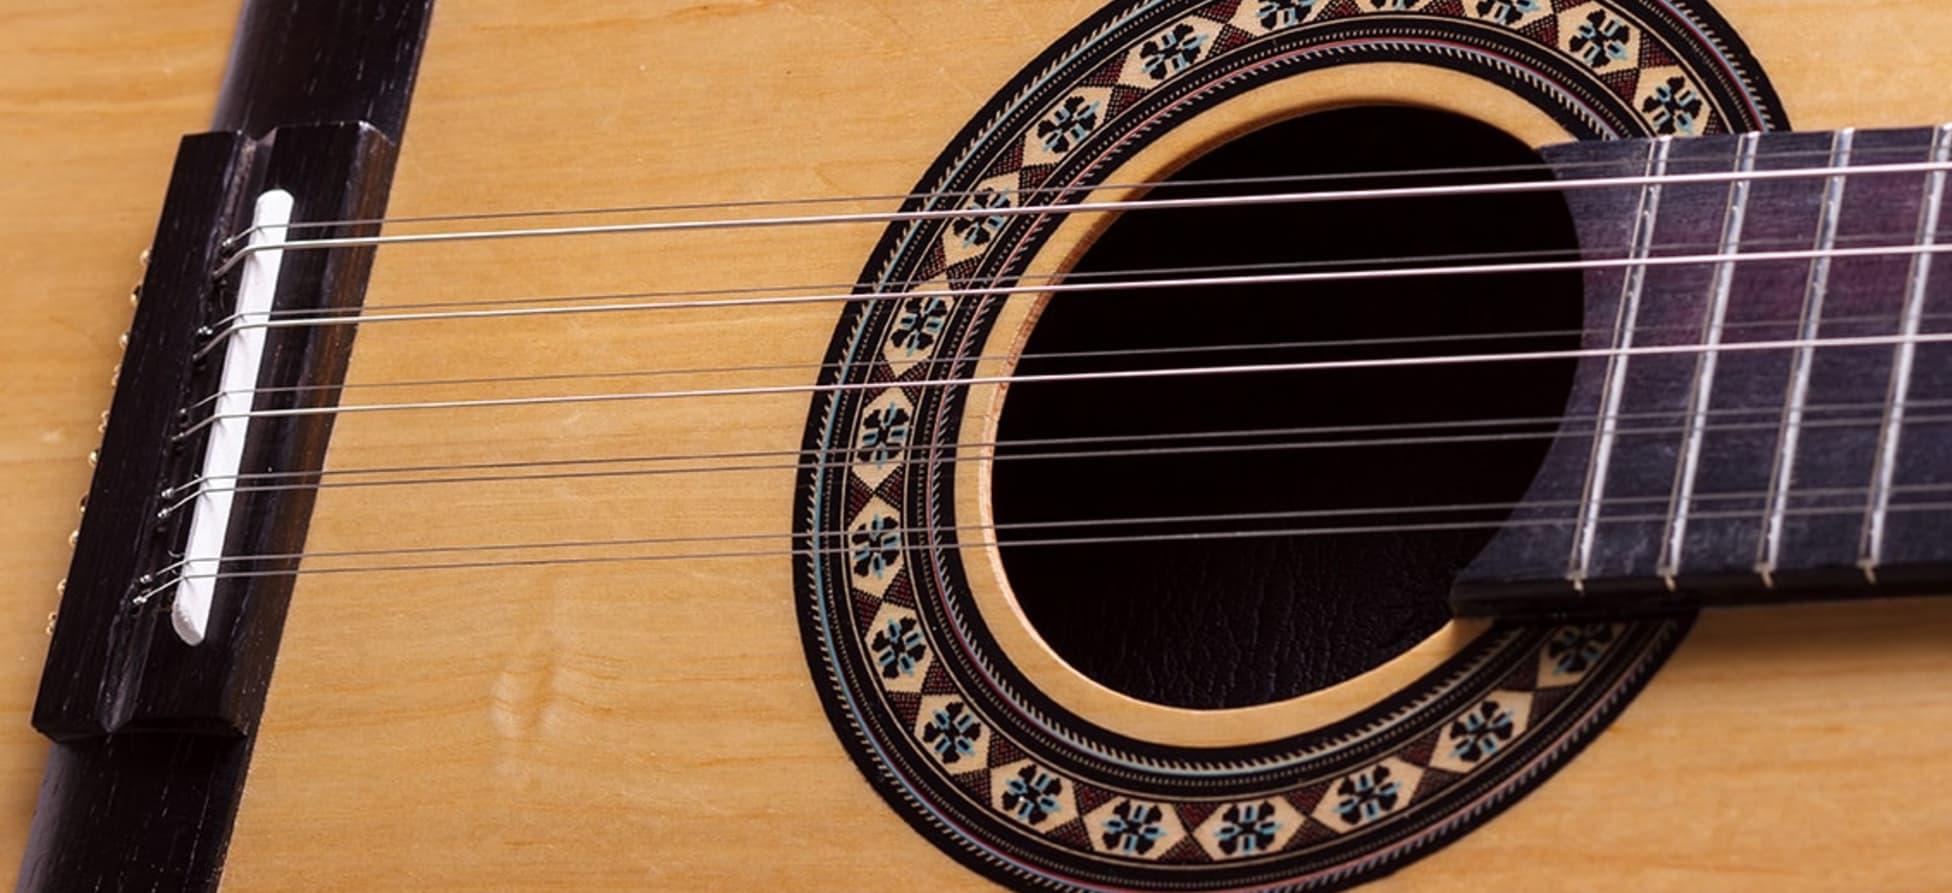 Viola Caipira Rozini Rv151 Acni Ponteio Acústica Natural Brilhante